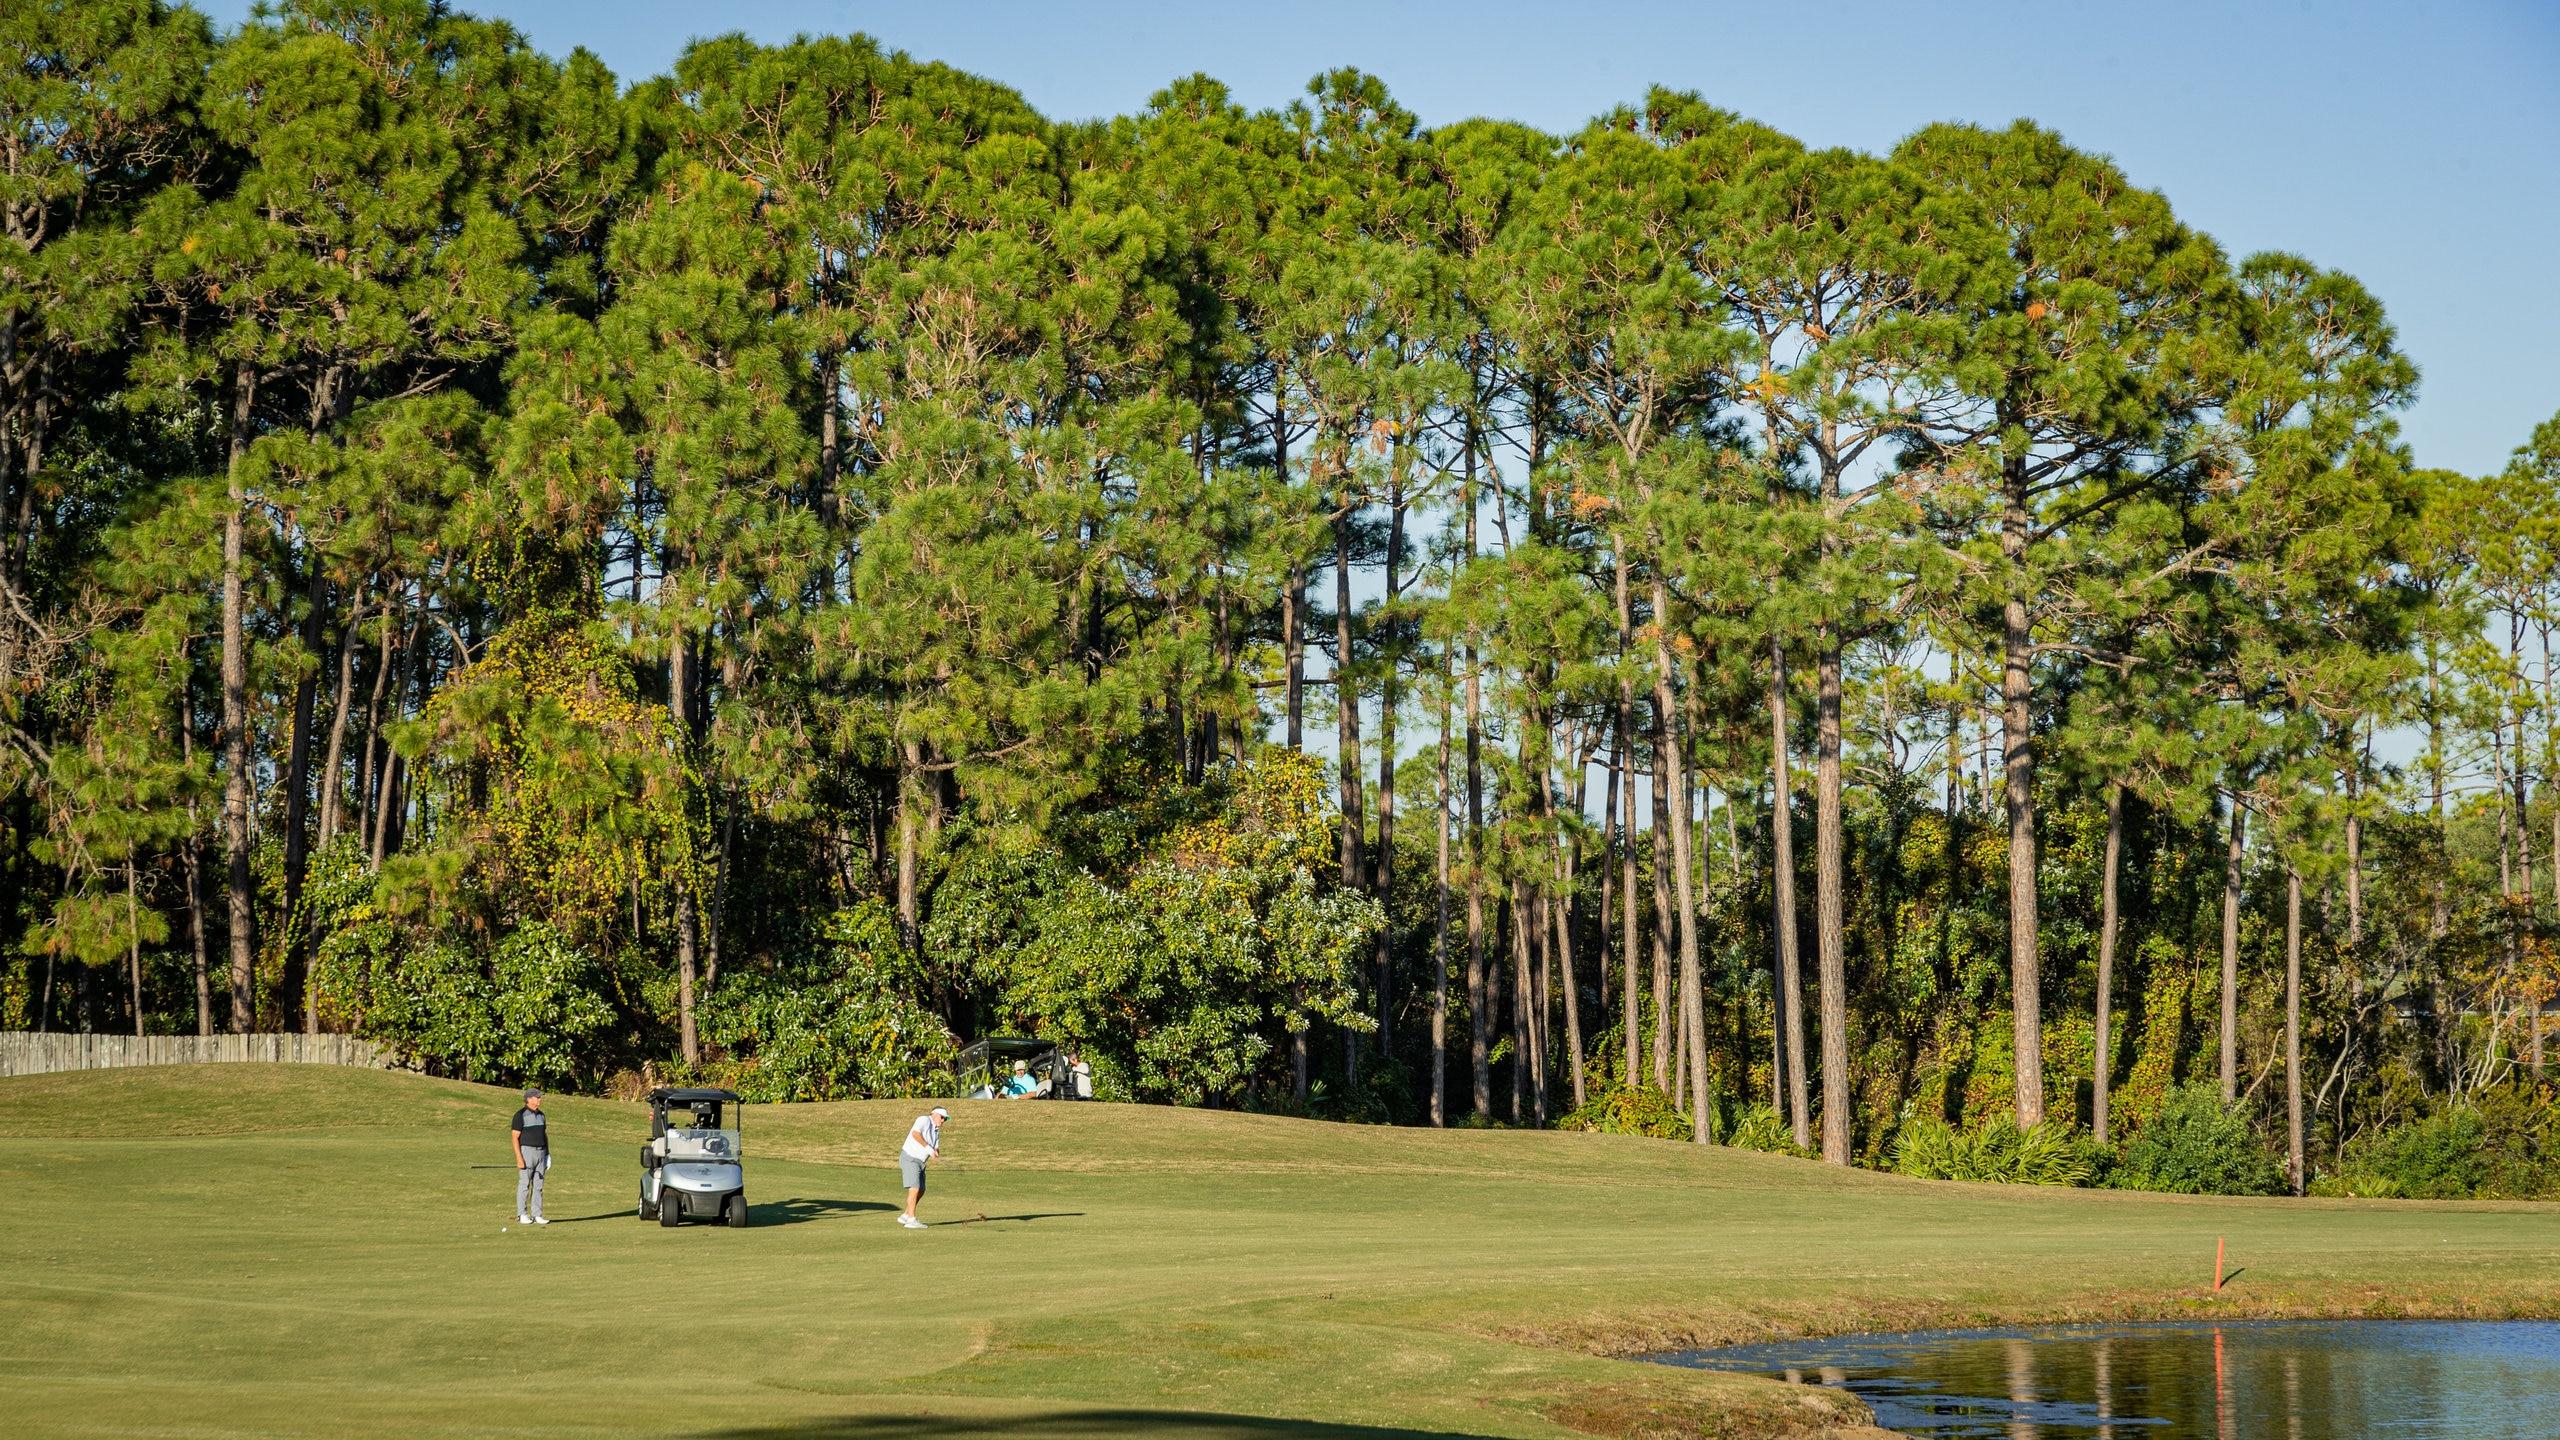 Emerald Bay Golf Club, Destin, Florida, United States of America